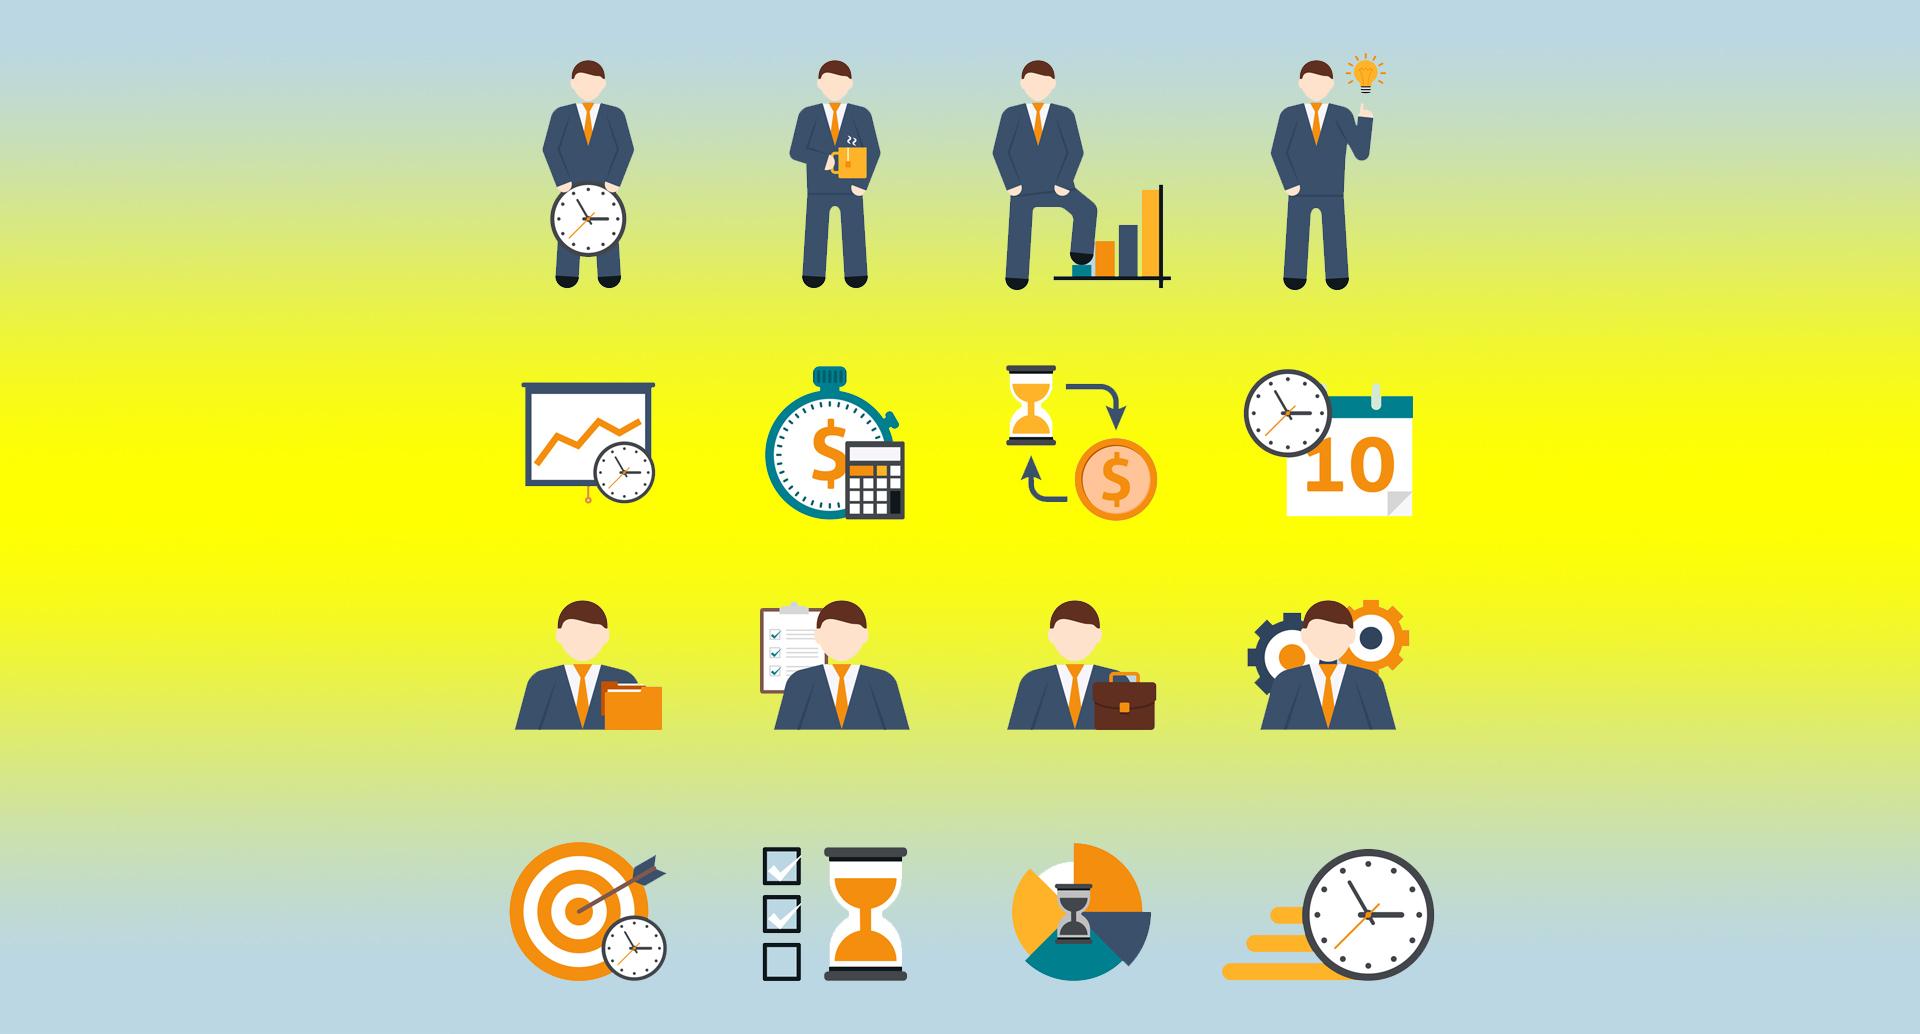 【シフト表作り】 勤務日数や休みの数を自動で数えてみよう